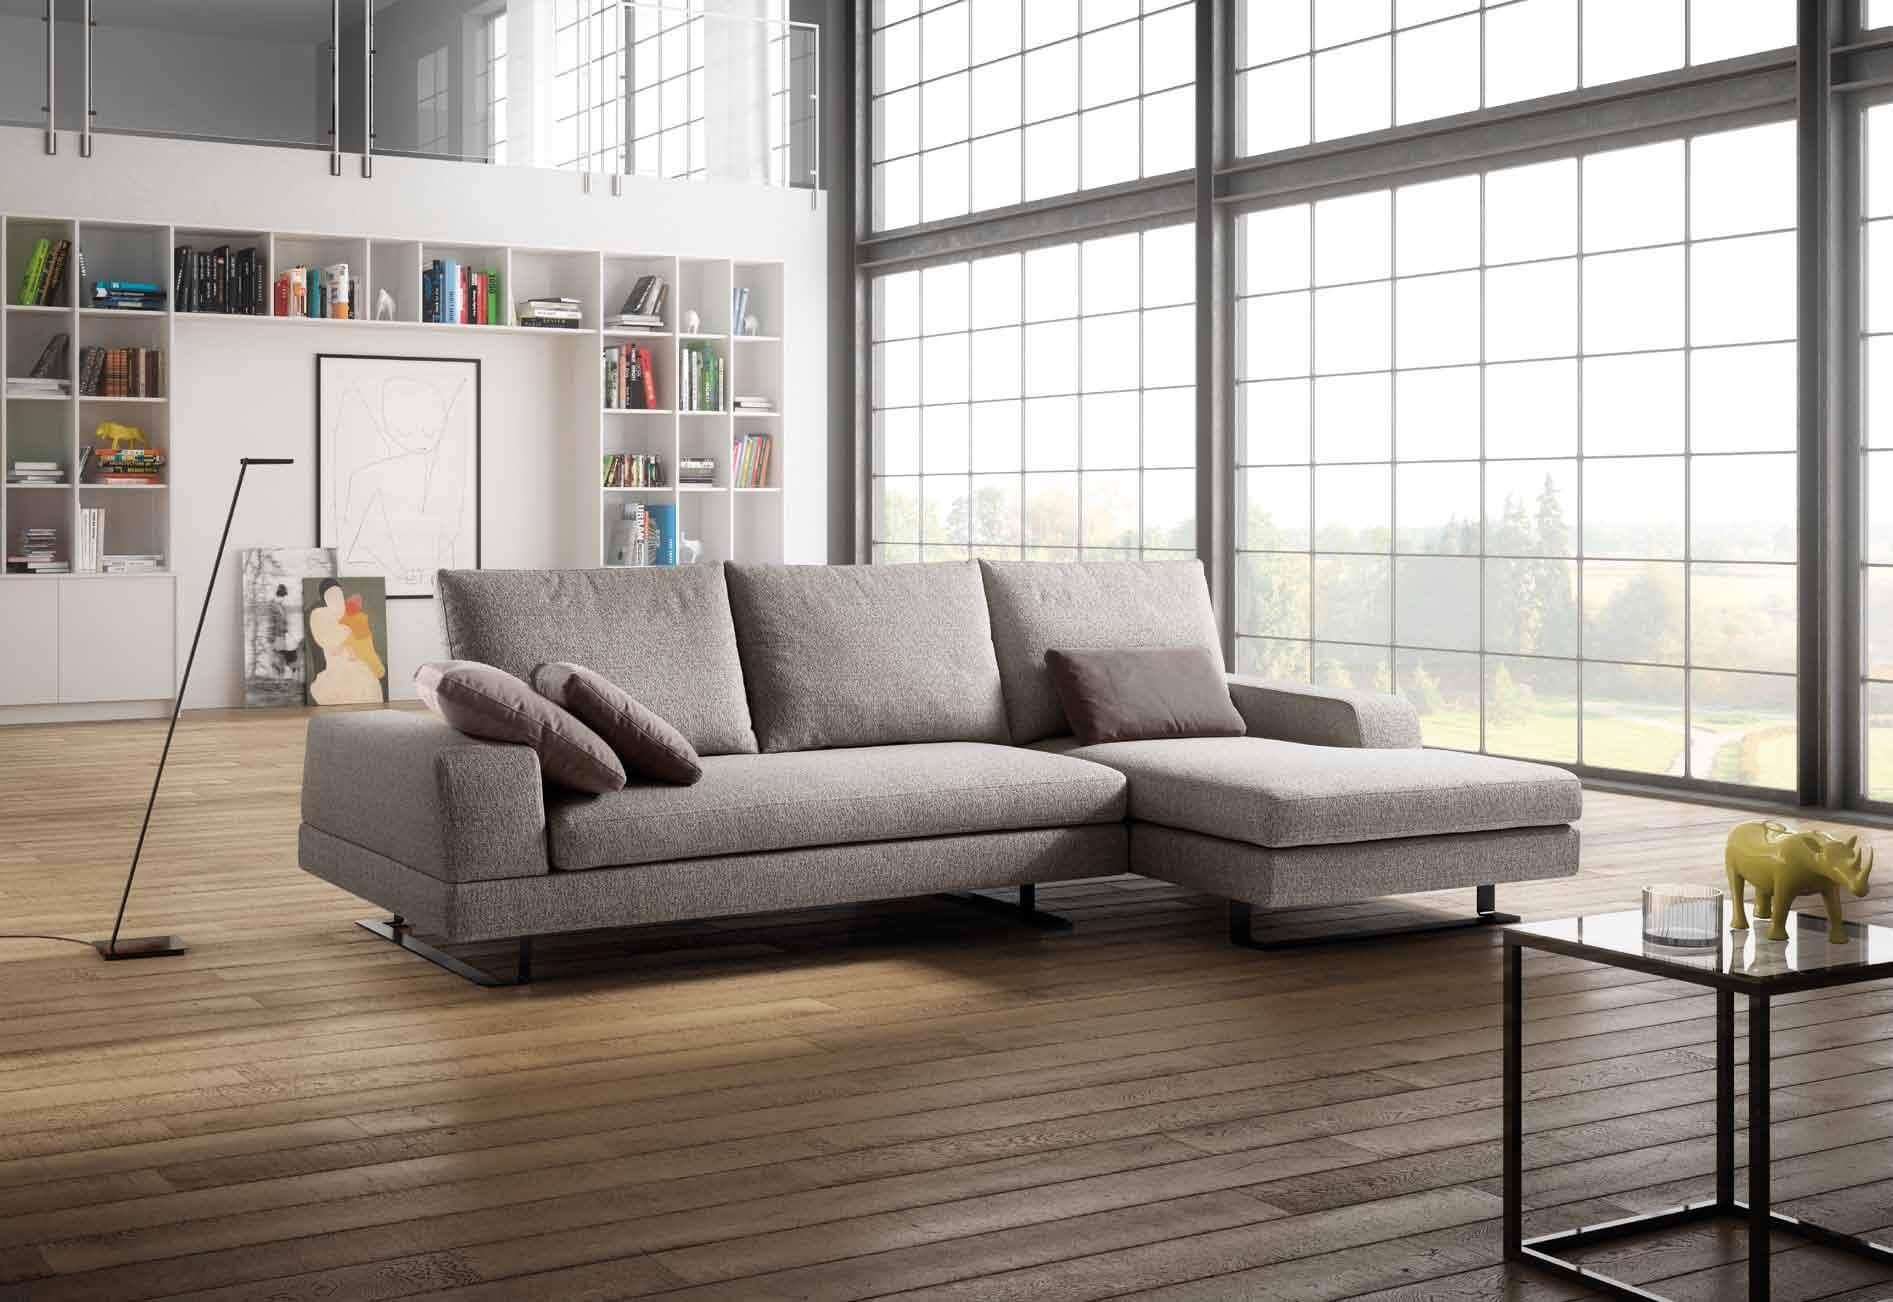 Divano modello acuto arredamento zona giorno divani e - Divano poco profondo ...